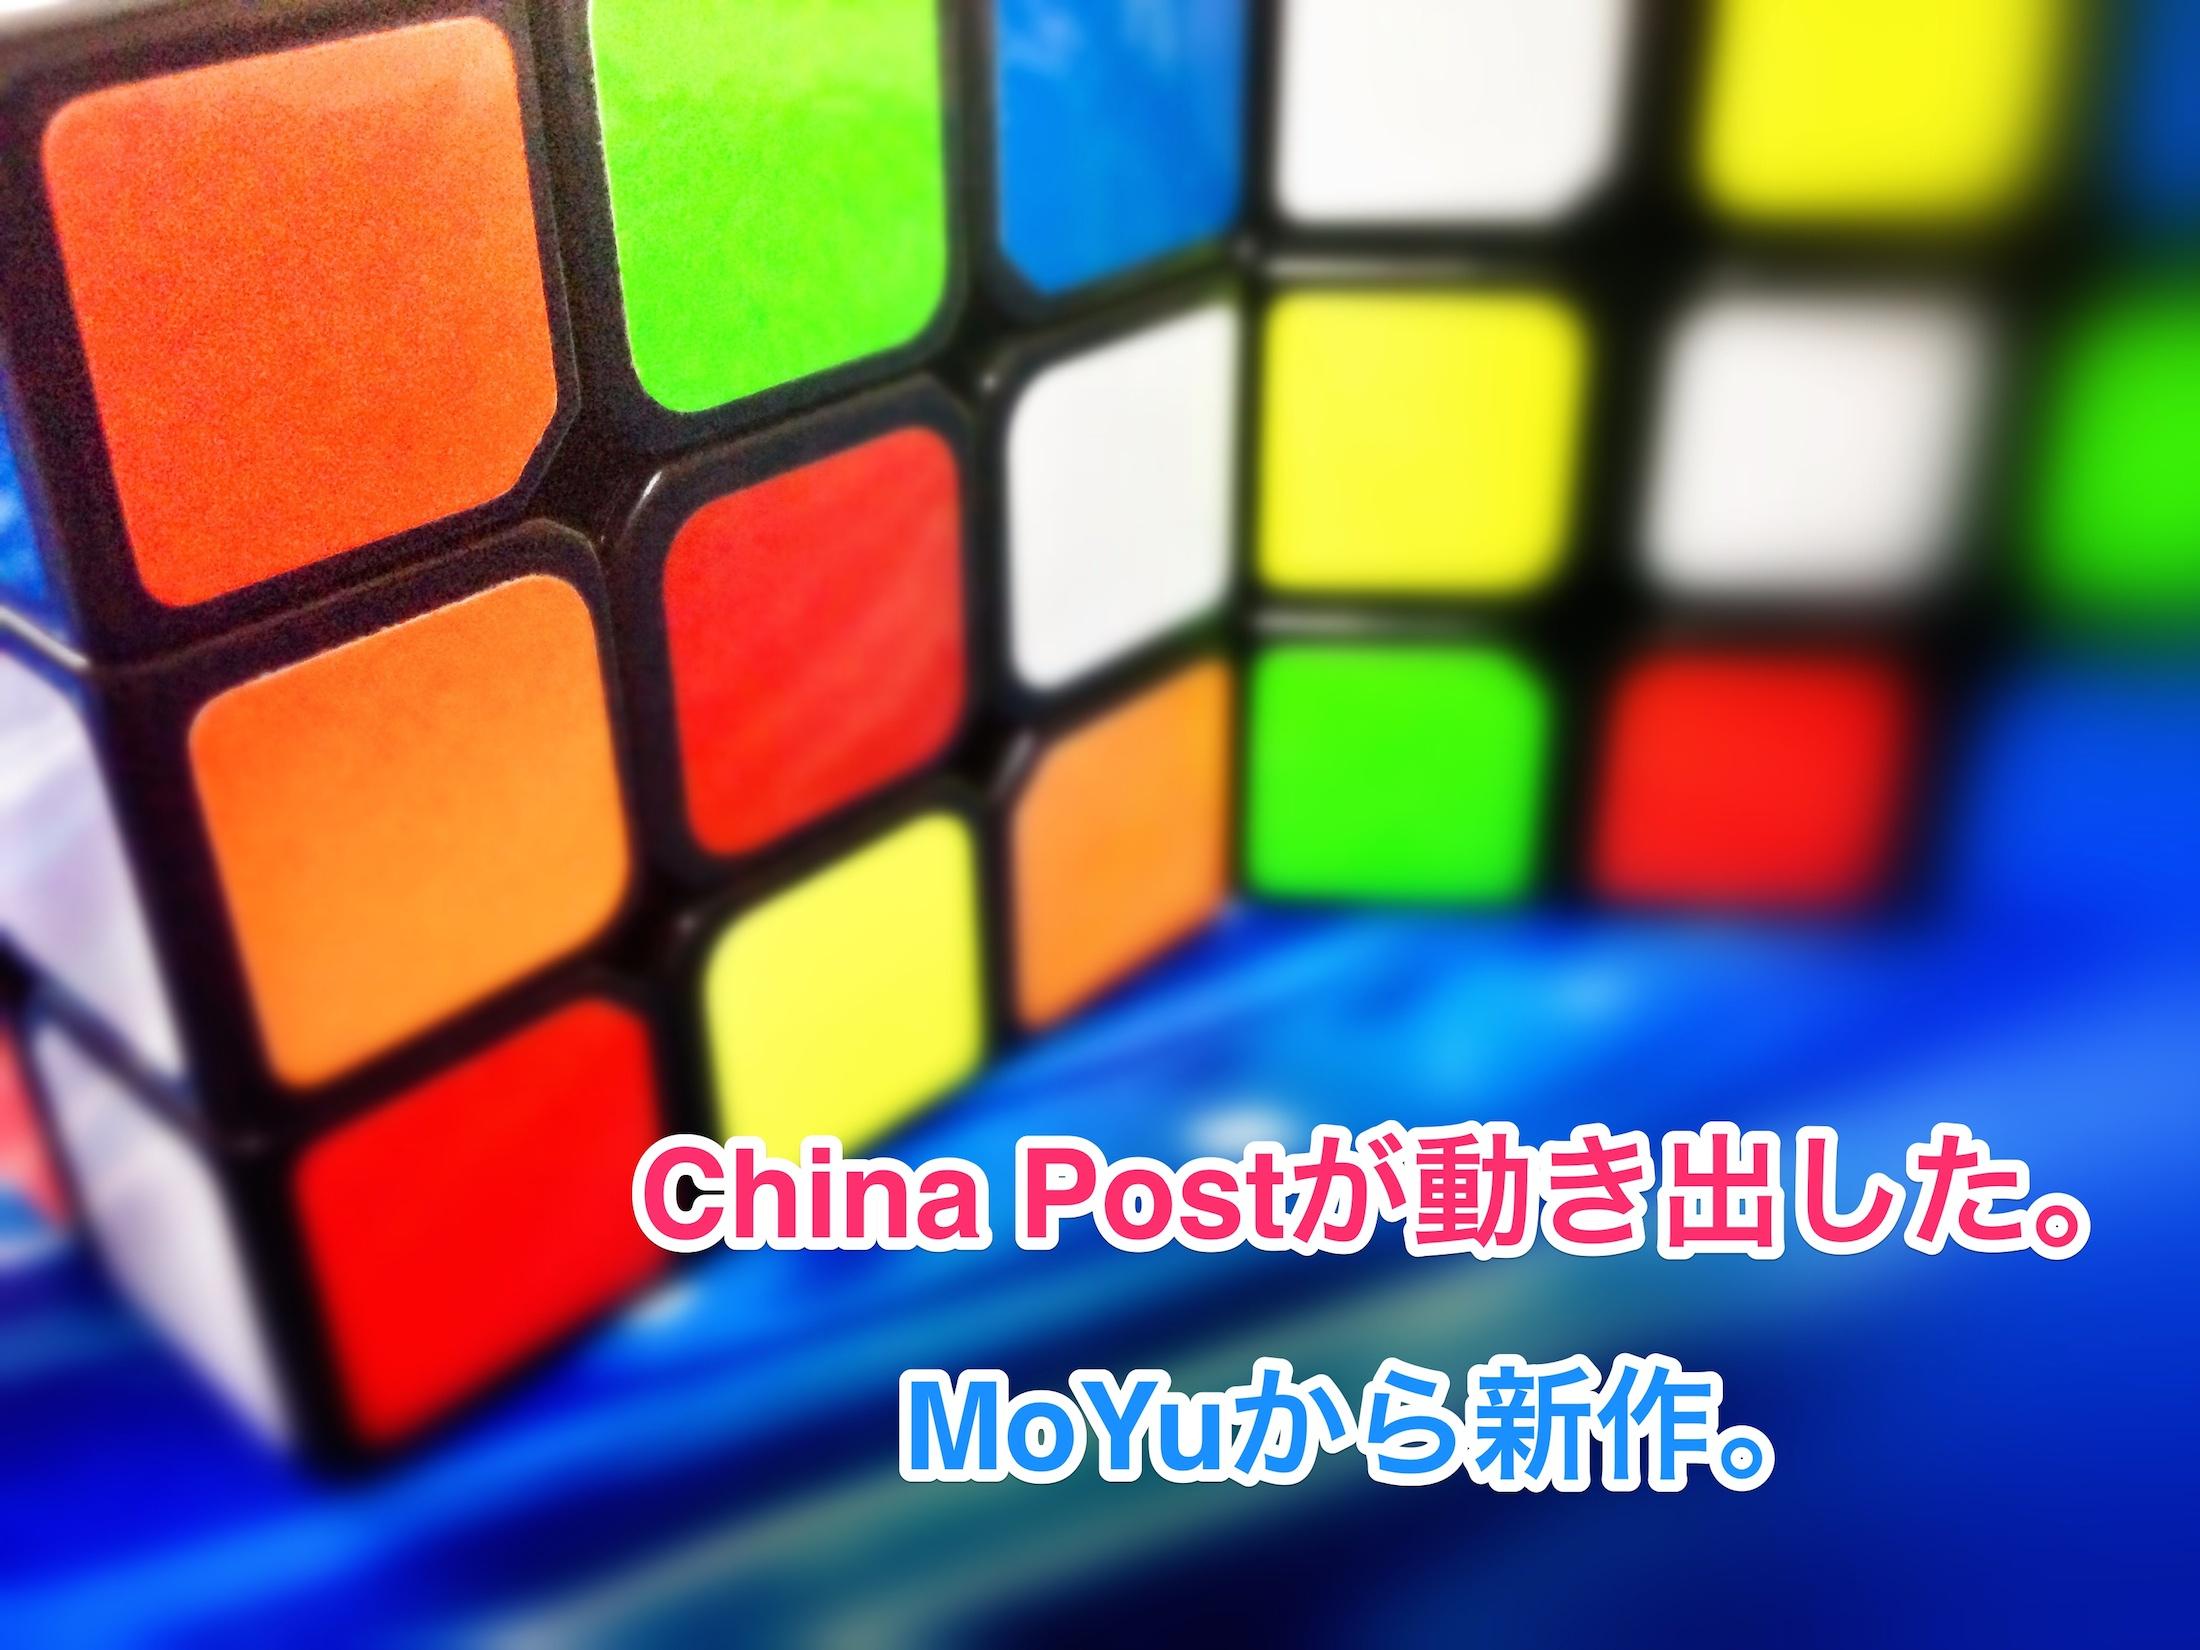 China Postが動き出した。:MoYuから新作。